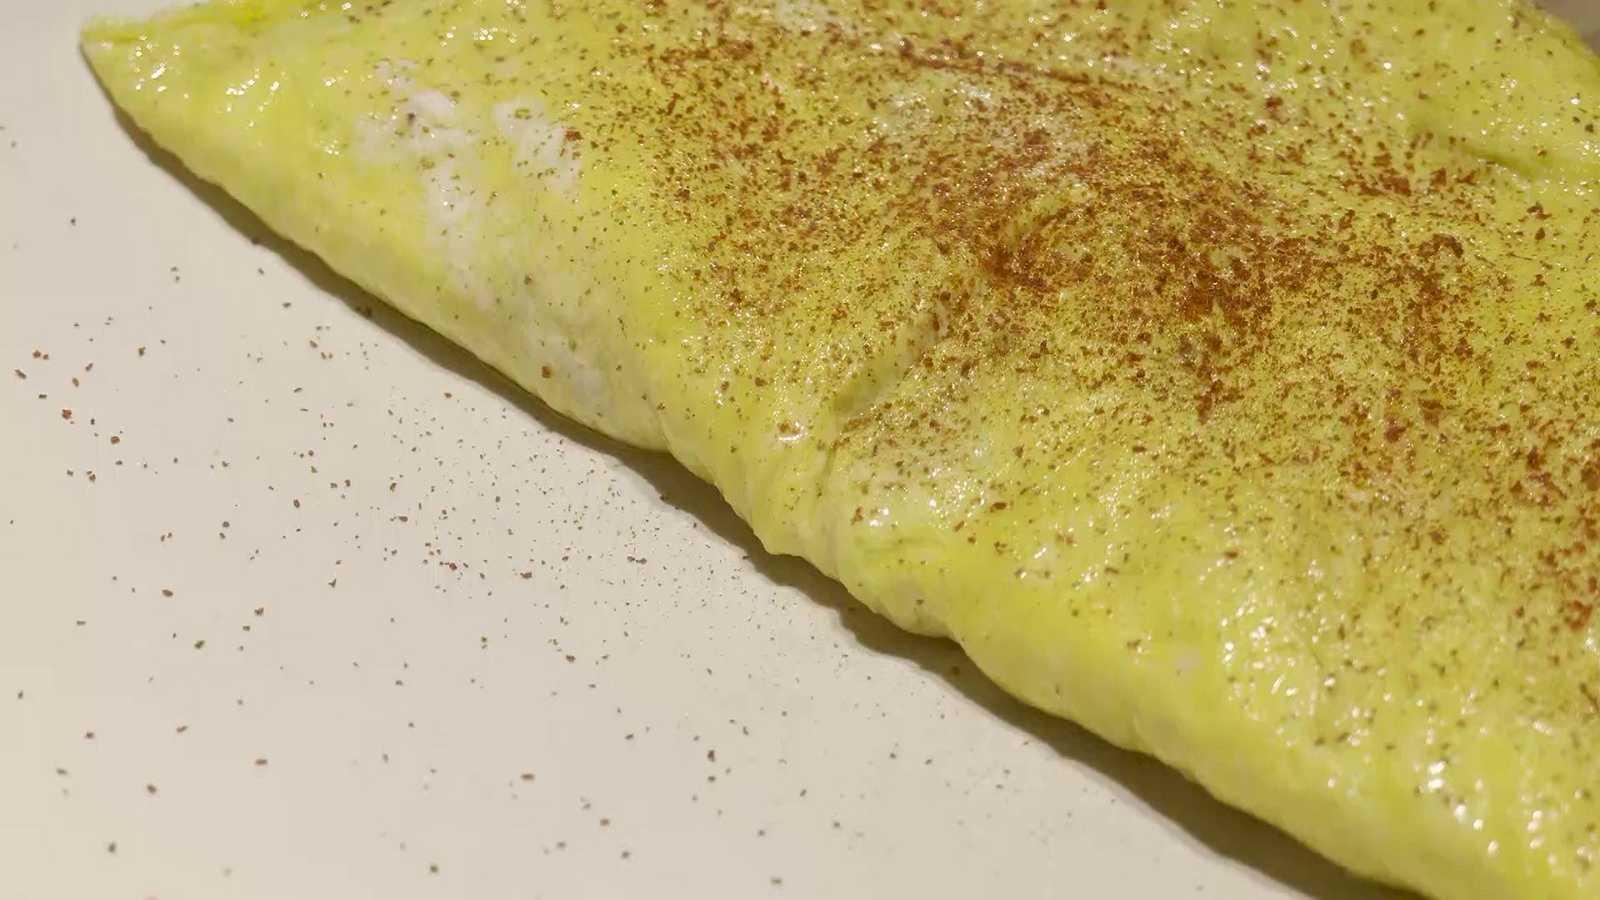 Un menú gourmet con cebolla y huevos